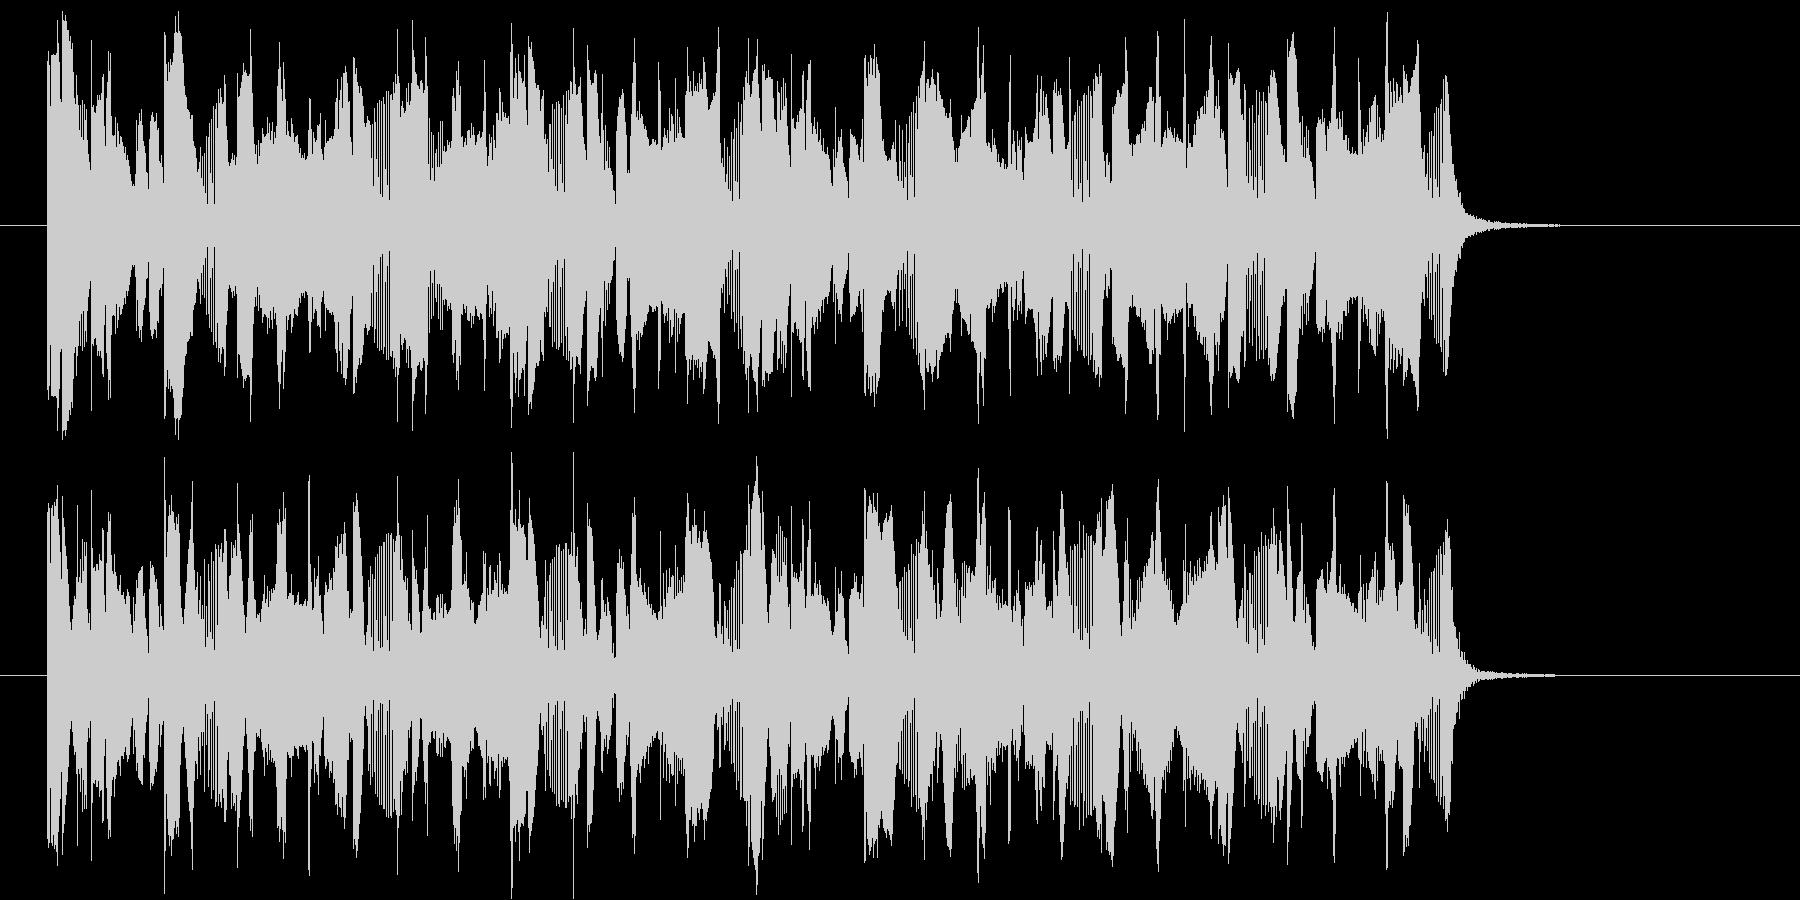 クイズ番組の出題に流れる音ですの未再生の波形